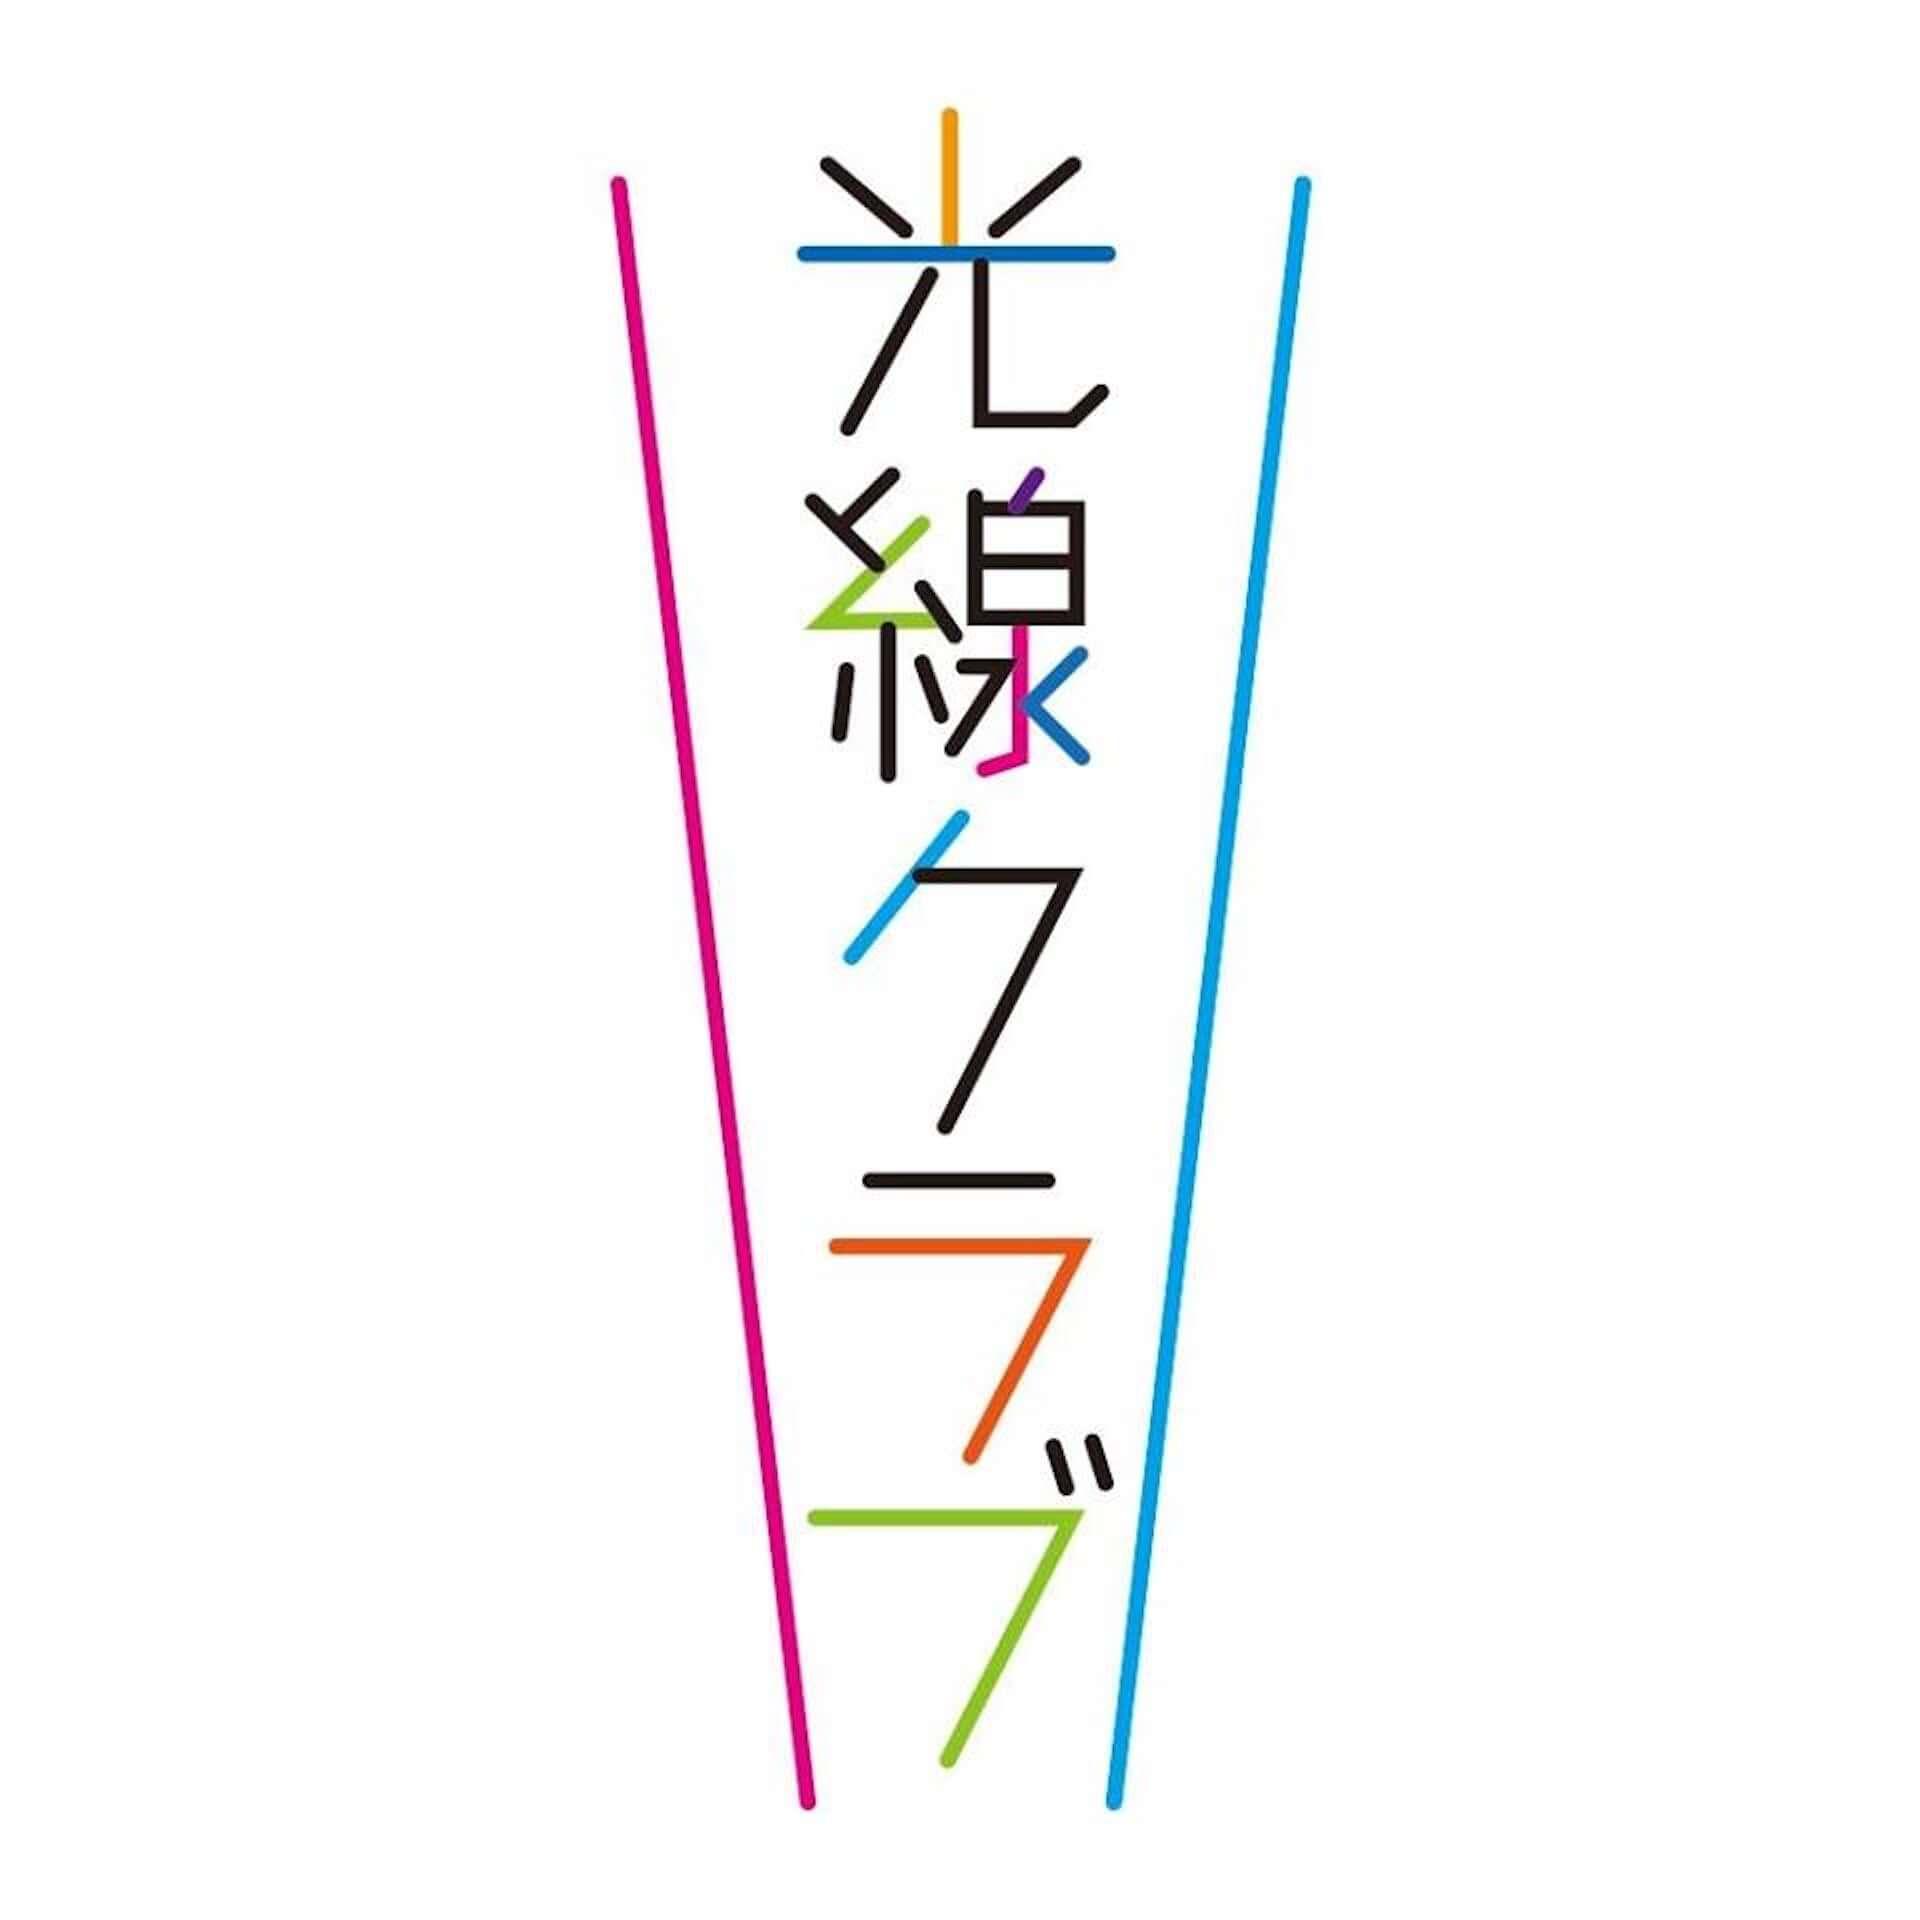 池袋PARCOで開催される<ChillCity 2020 Winter>の全ラインナップが発表!FNCY、環ROY、Kuro、さとうもからが出演決定 music201124_chillcity_15-1920x1920